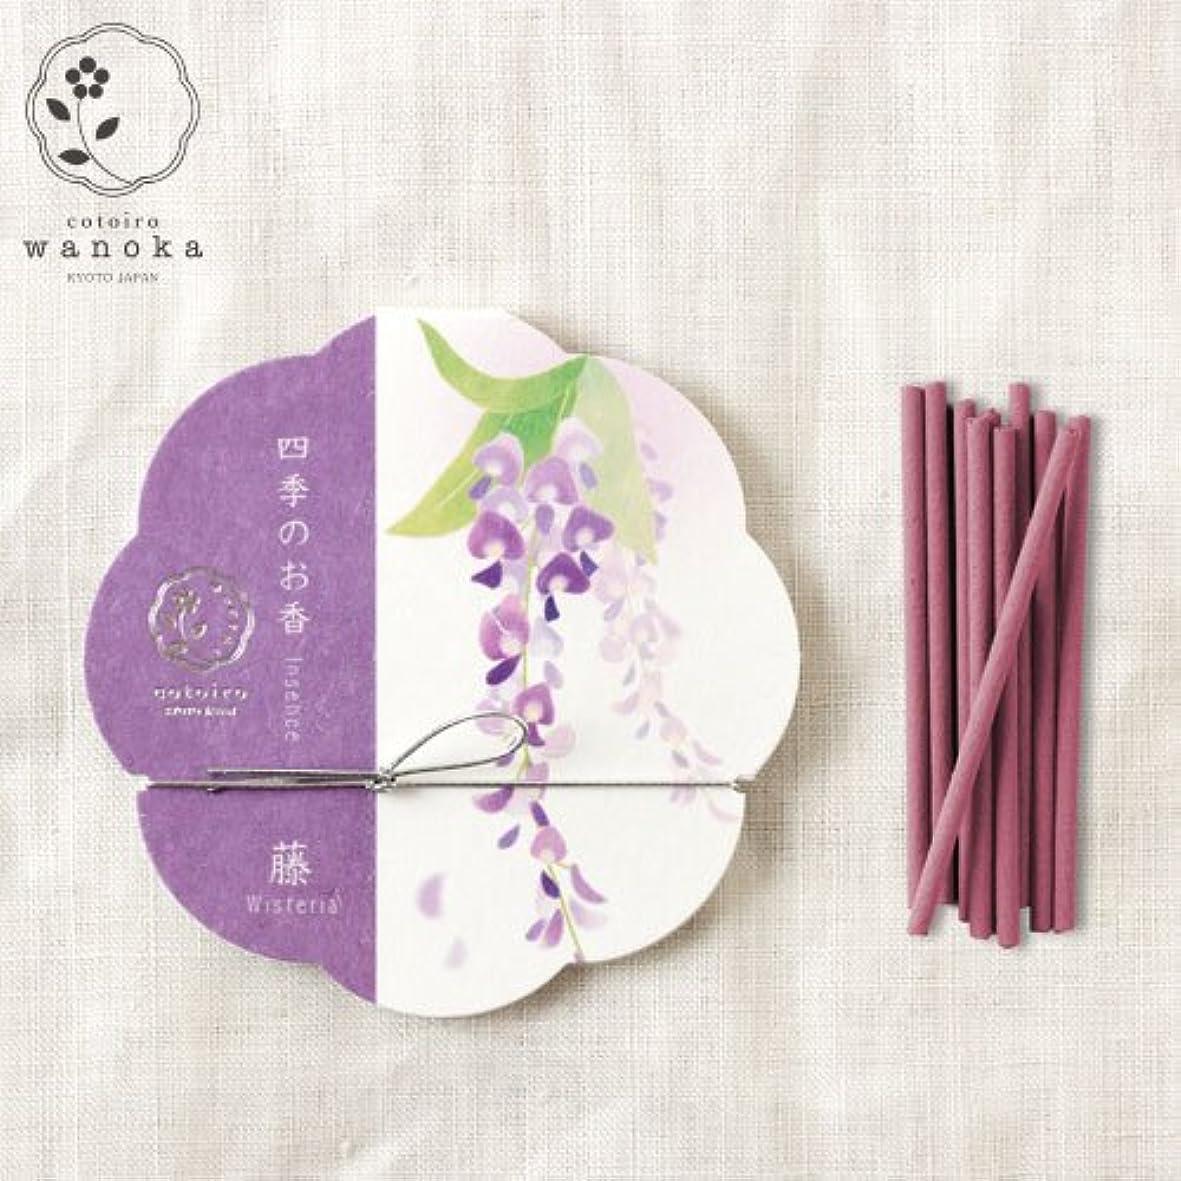 なめる擬人租界wanoka四季のお香(インセンス)藤《藤をイメージした華やかな香り》ART LABIncense stick